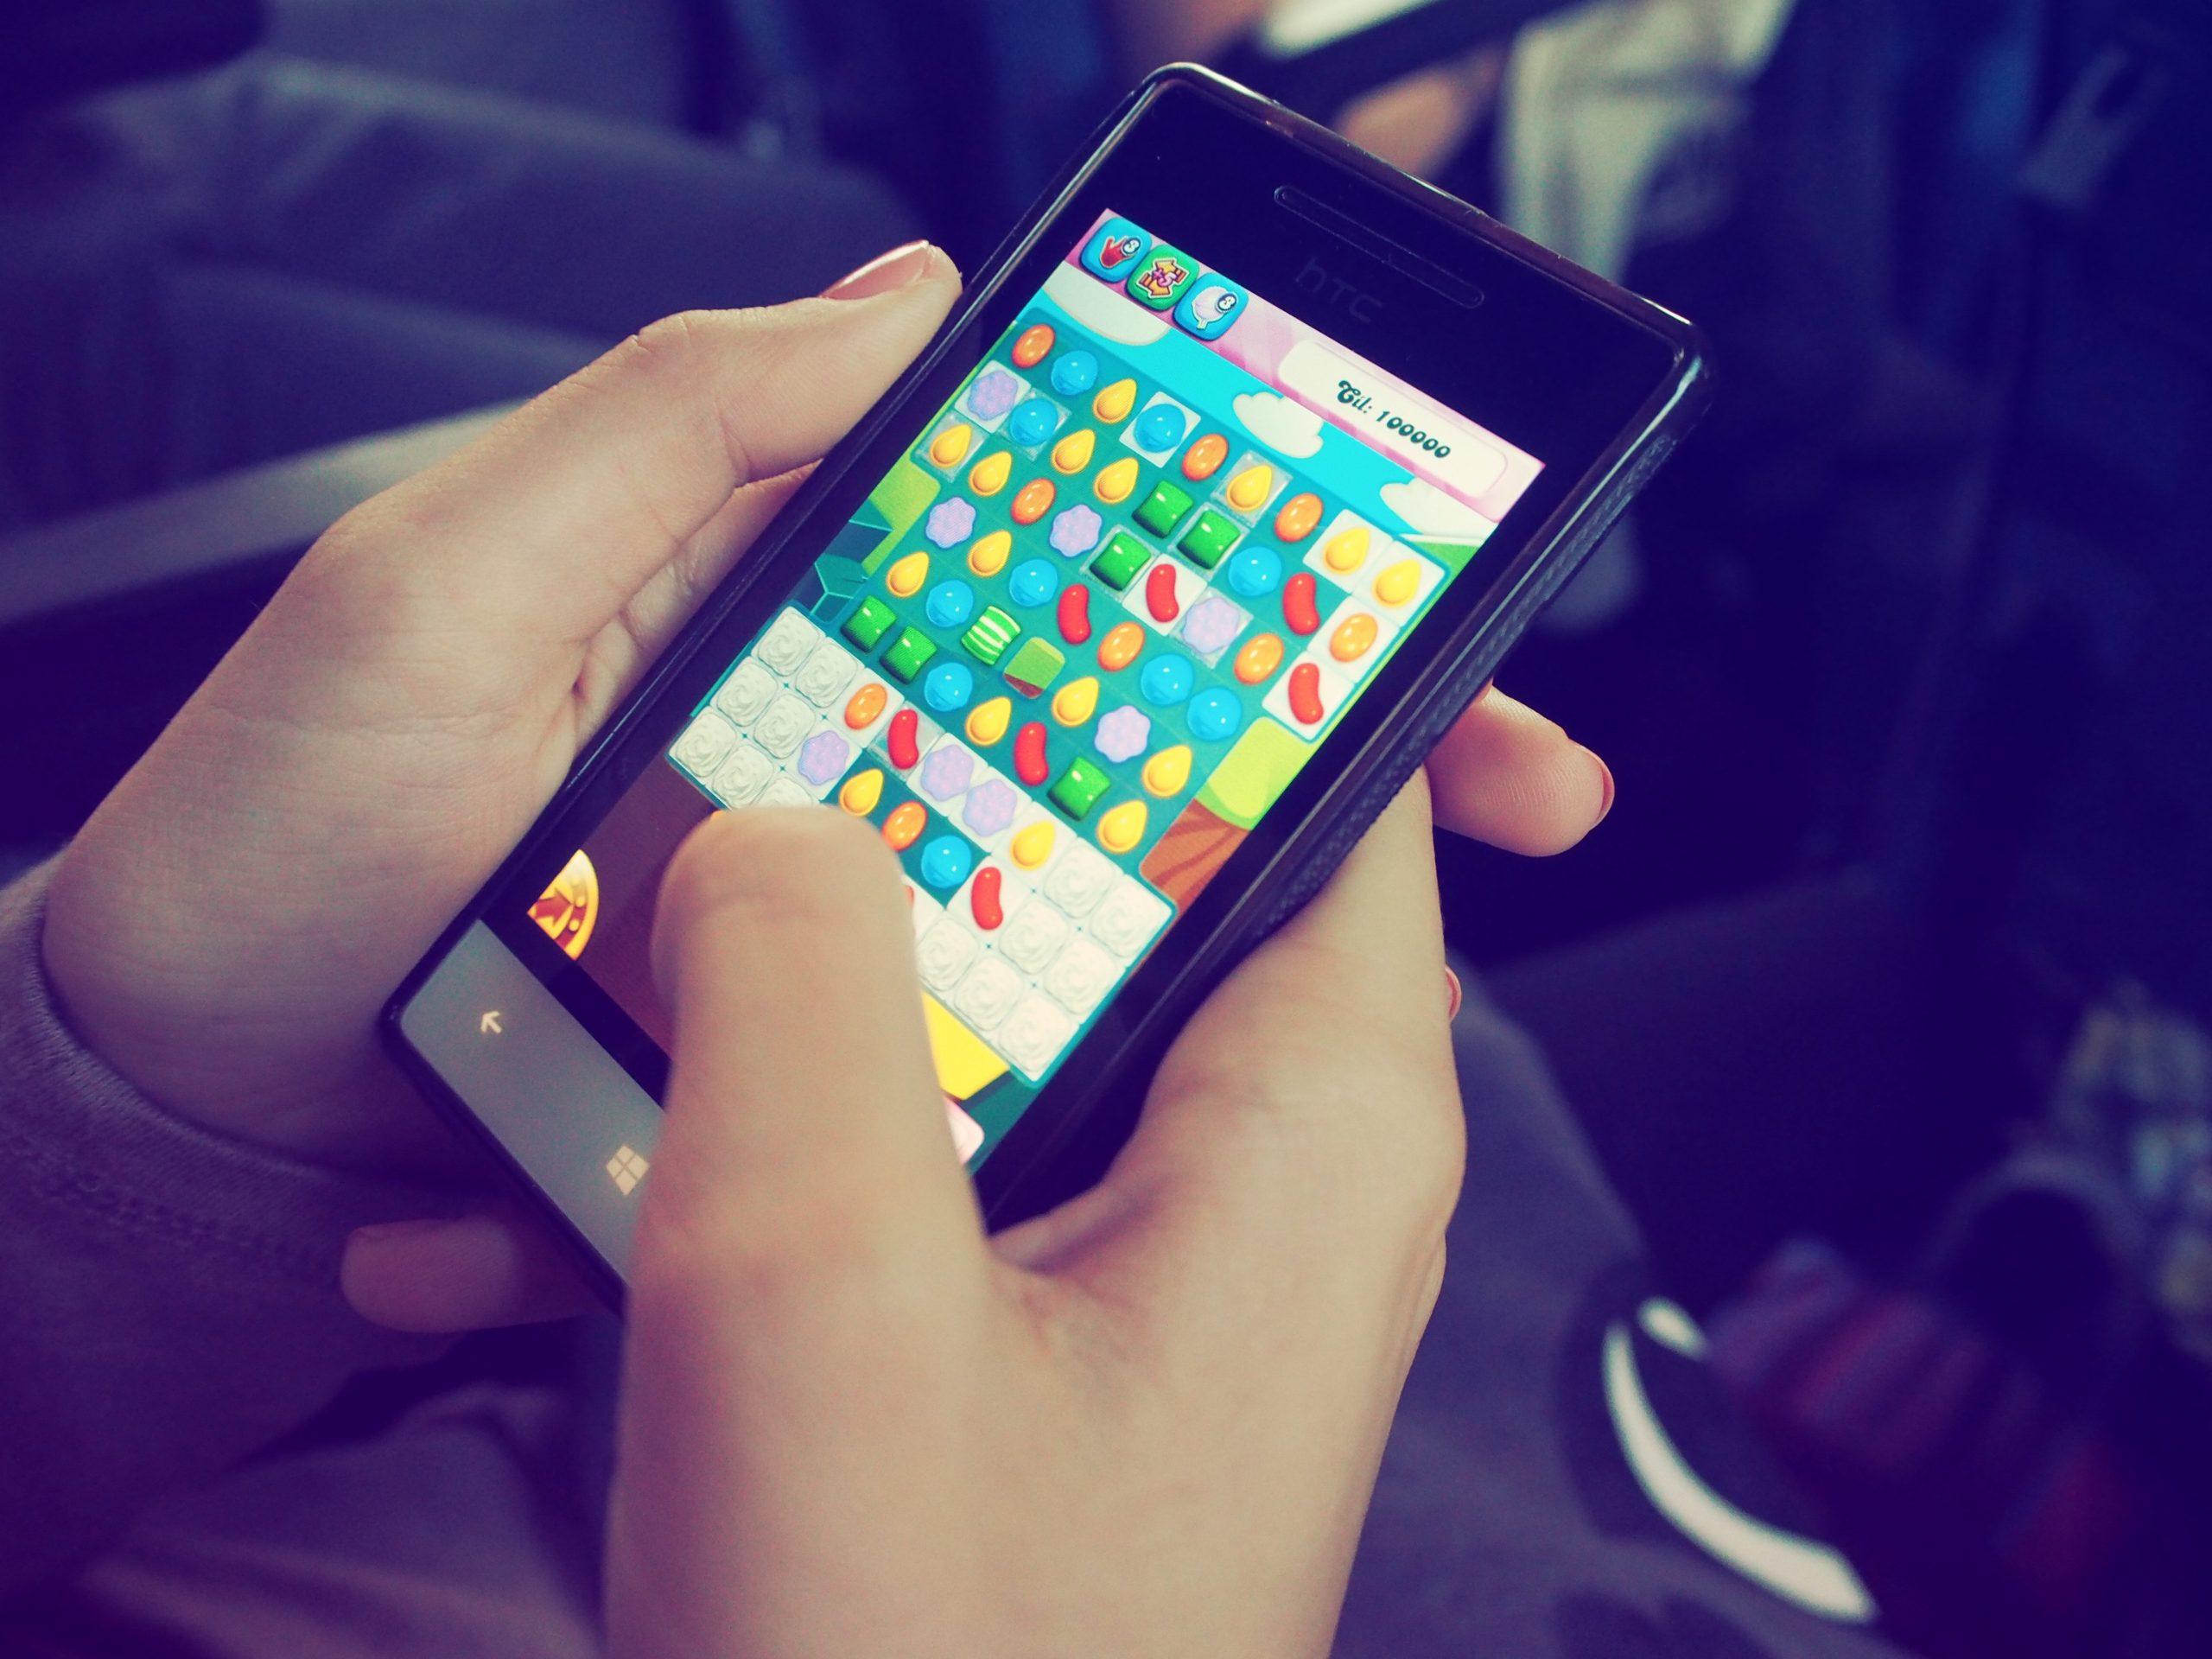 pexels beata dudová 228963 scaled - 5 apps de brincadeiras para a reunião de família